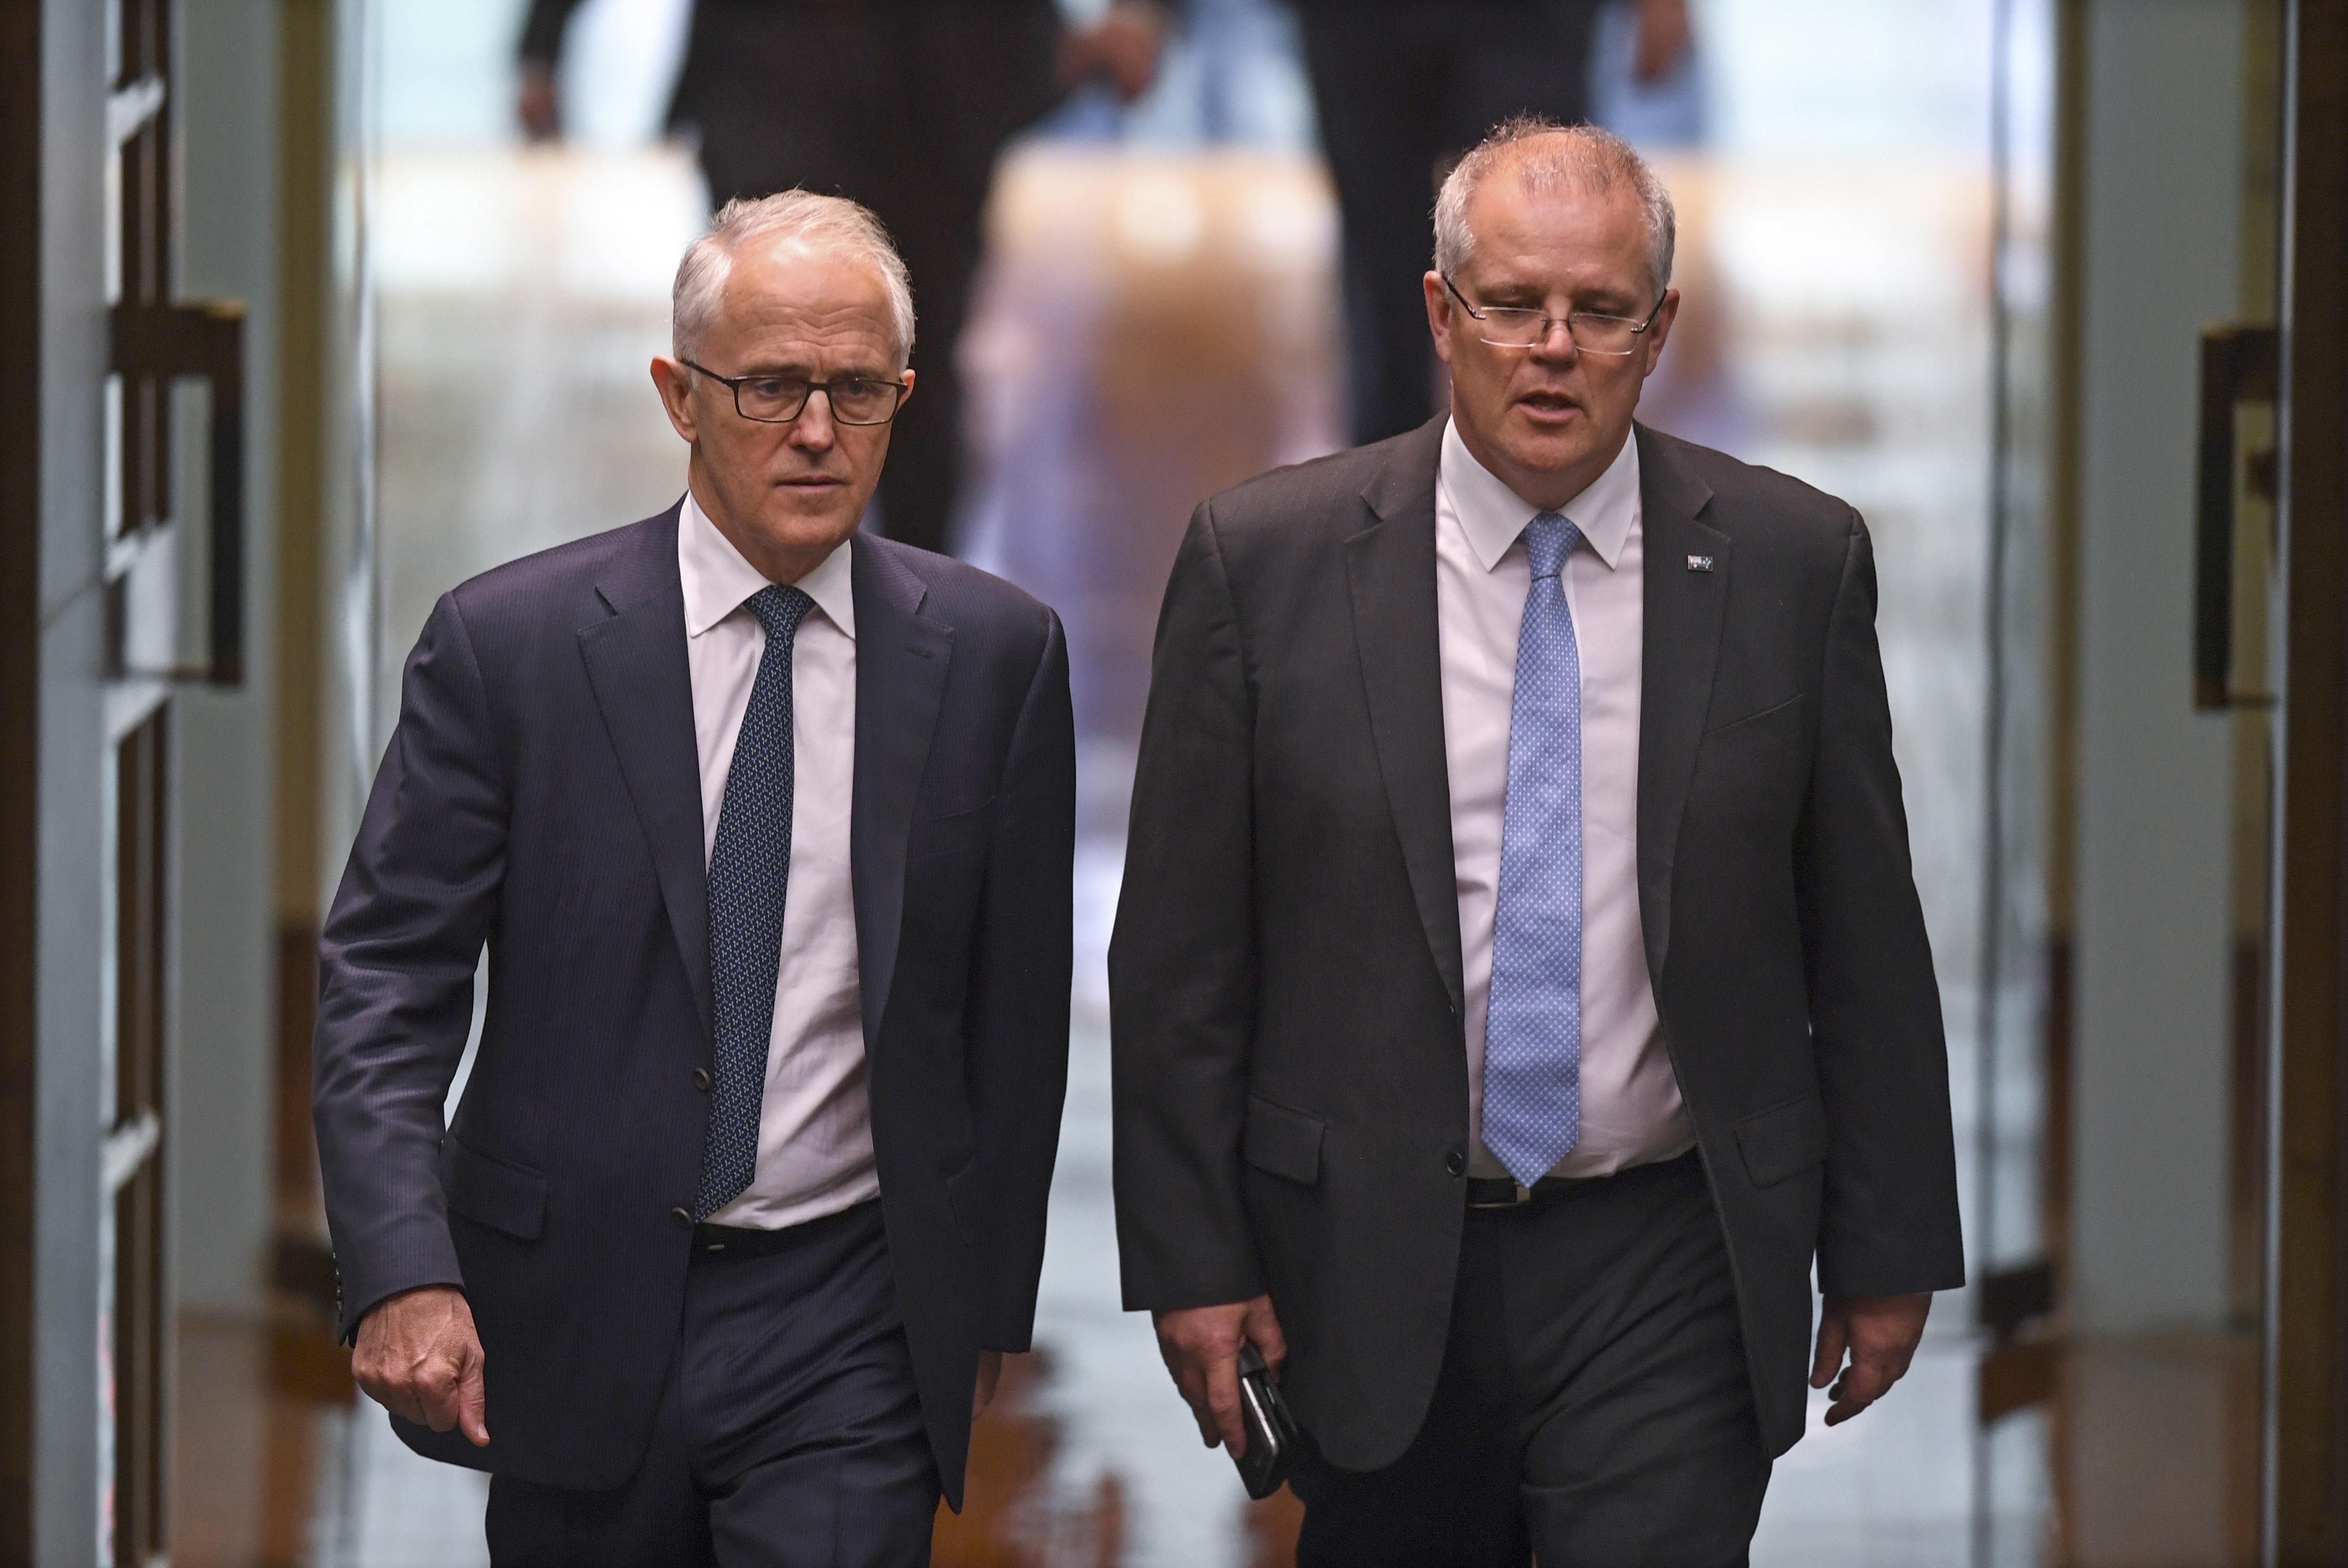 Avstralija Skot Morison i Malkolm Turnbul, nov premier